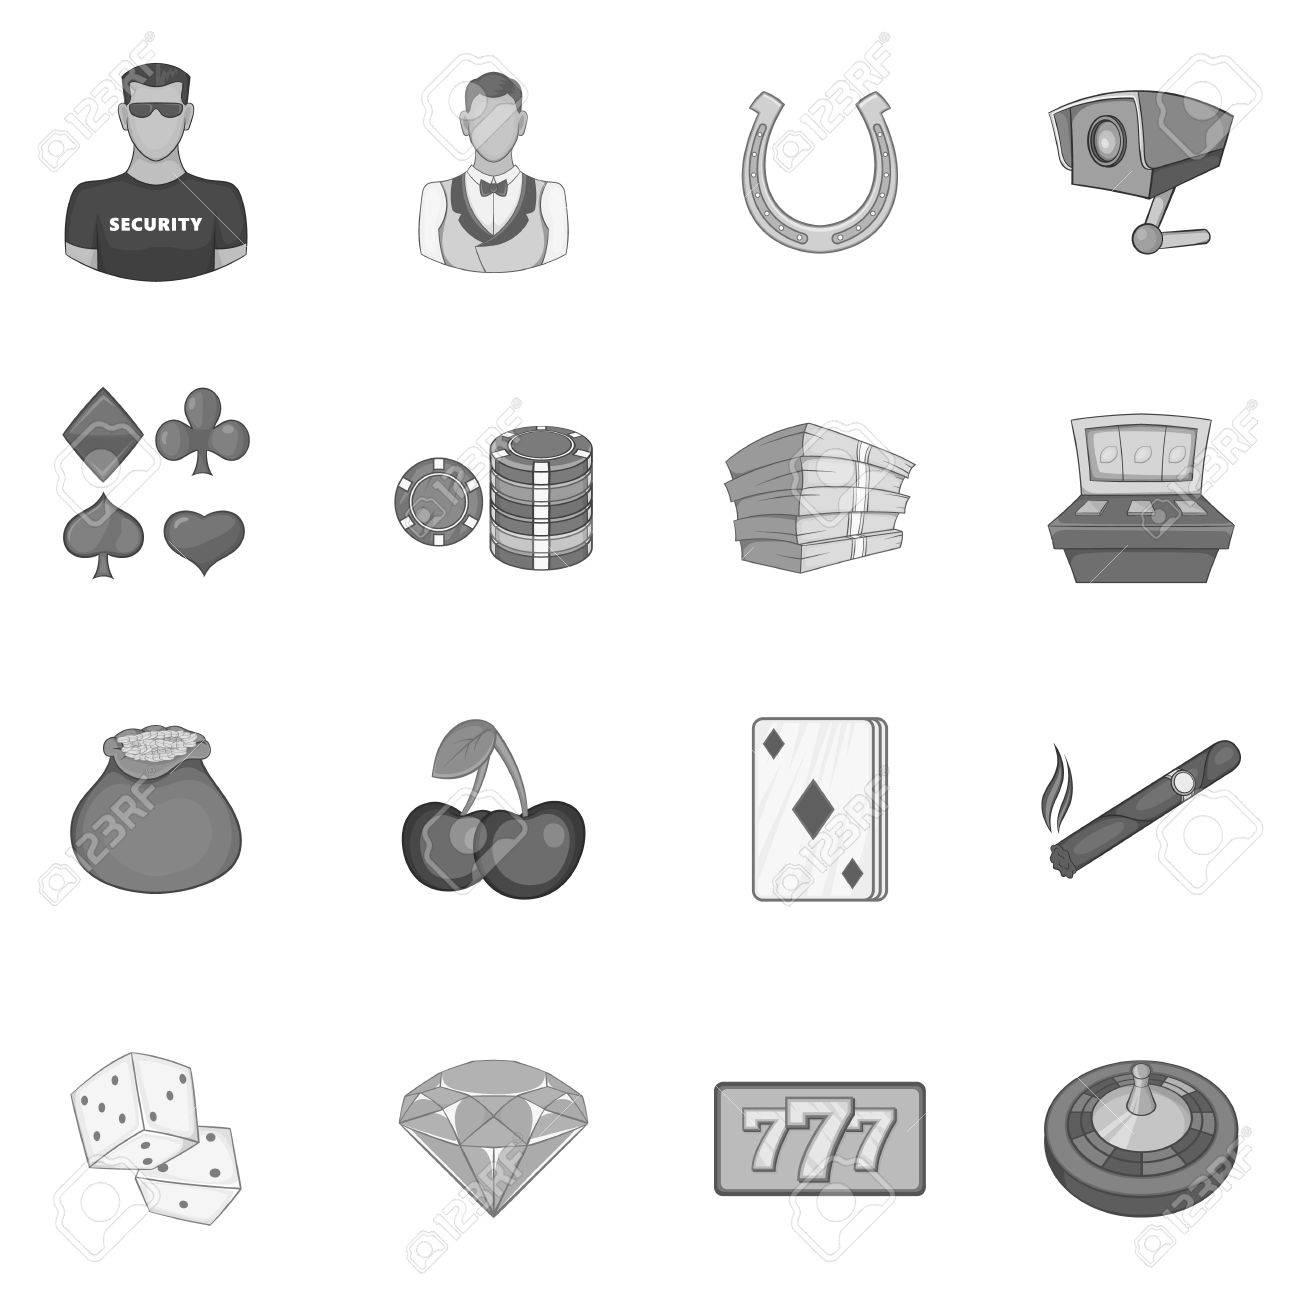 9b2a7f82b8646 Foto de archivo - Iconos de casino ubicado en el estilo monocromático  negro. elementos de juego conjunto de recopilación ilustración vectorial